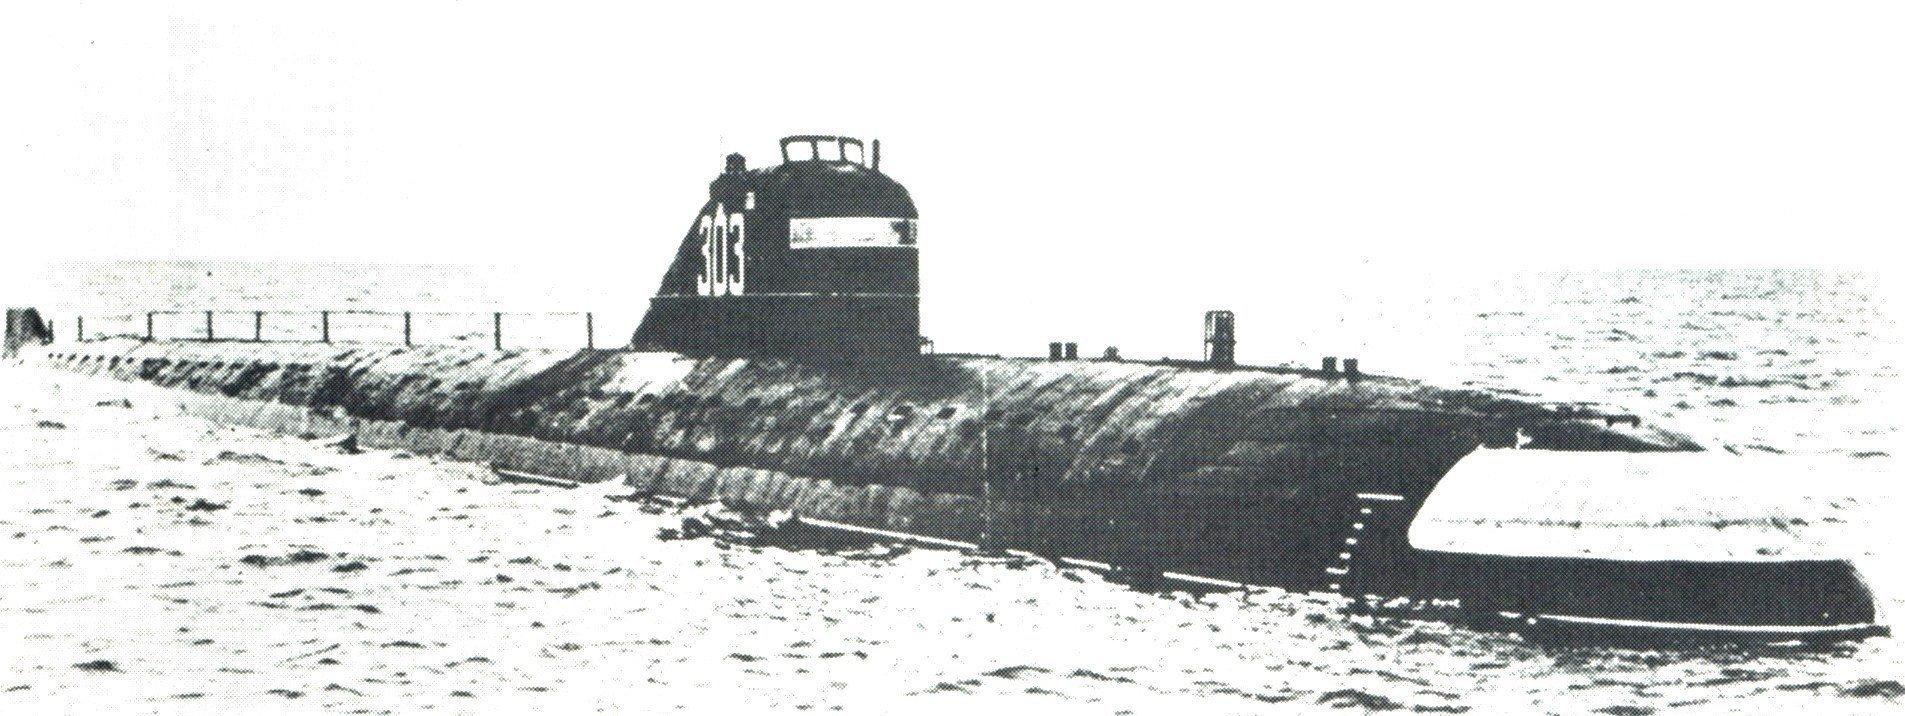 Le K-3 Leninski Komsomol